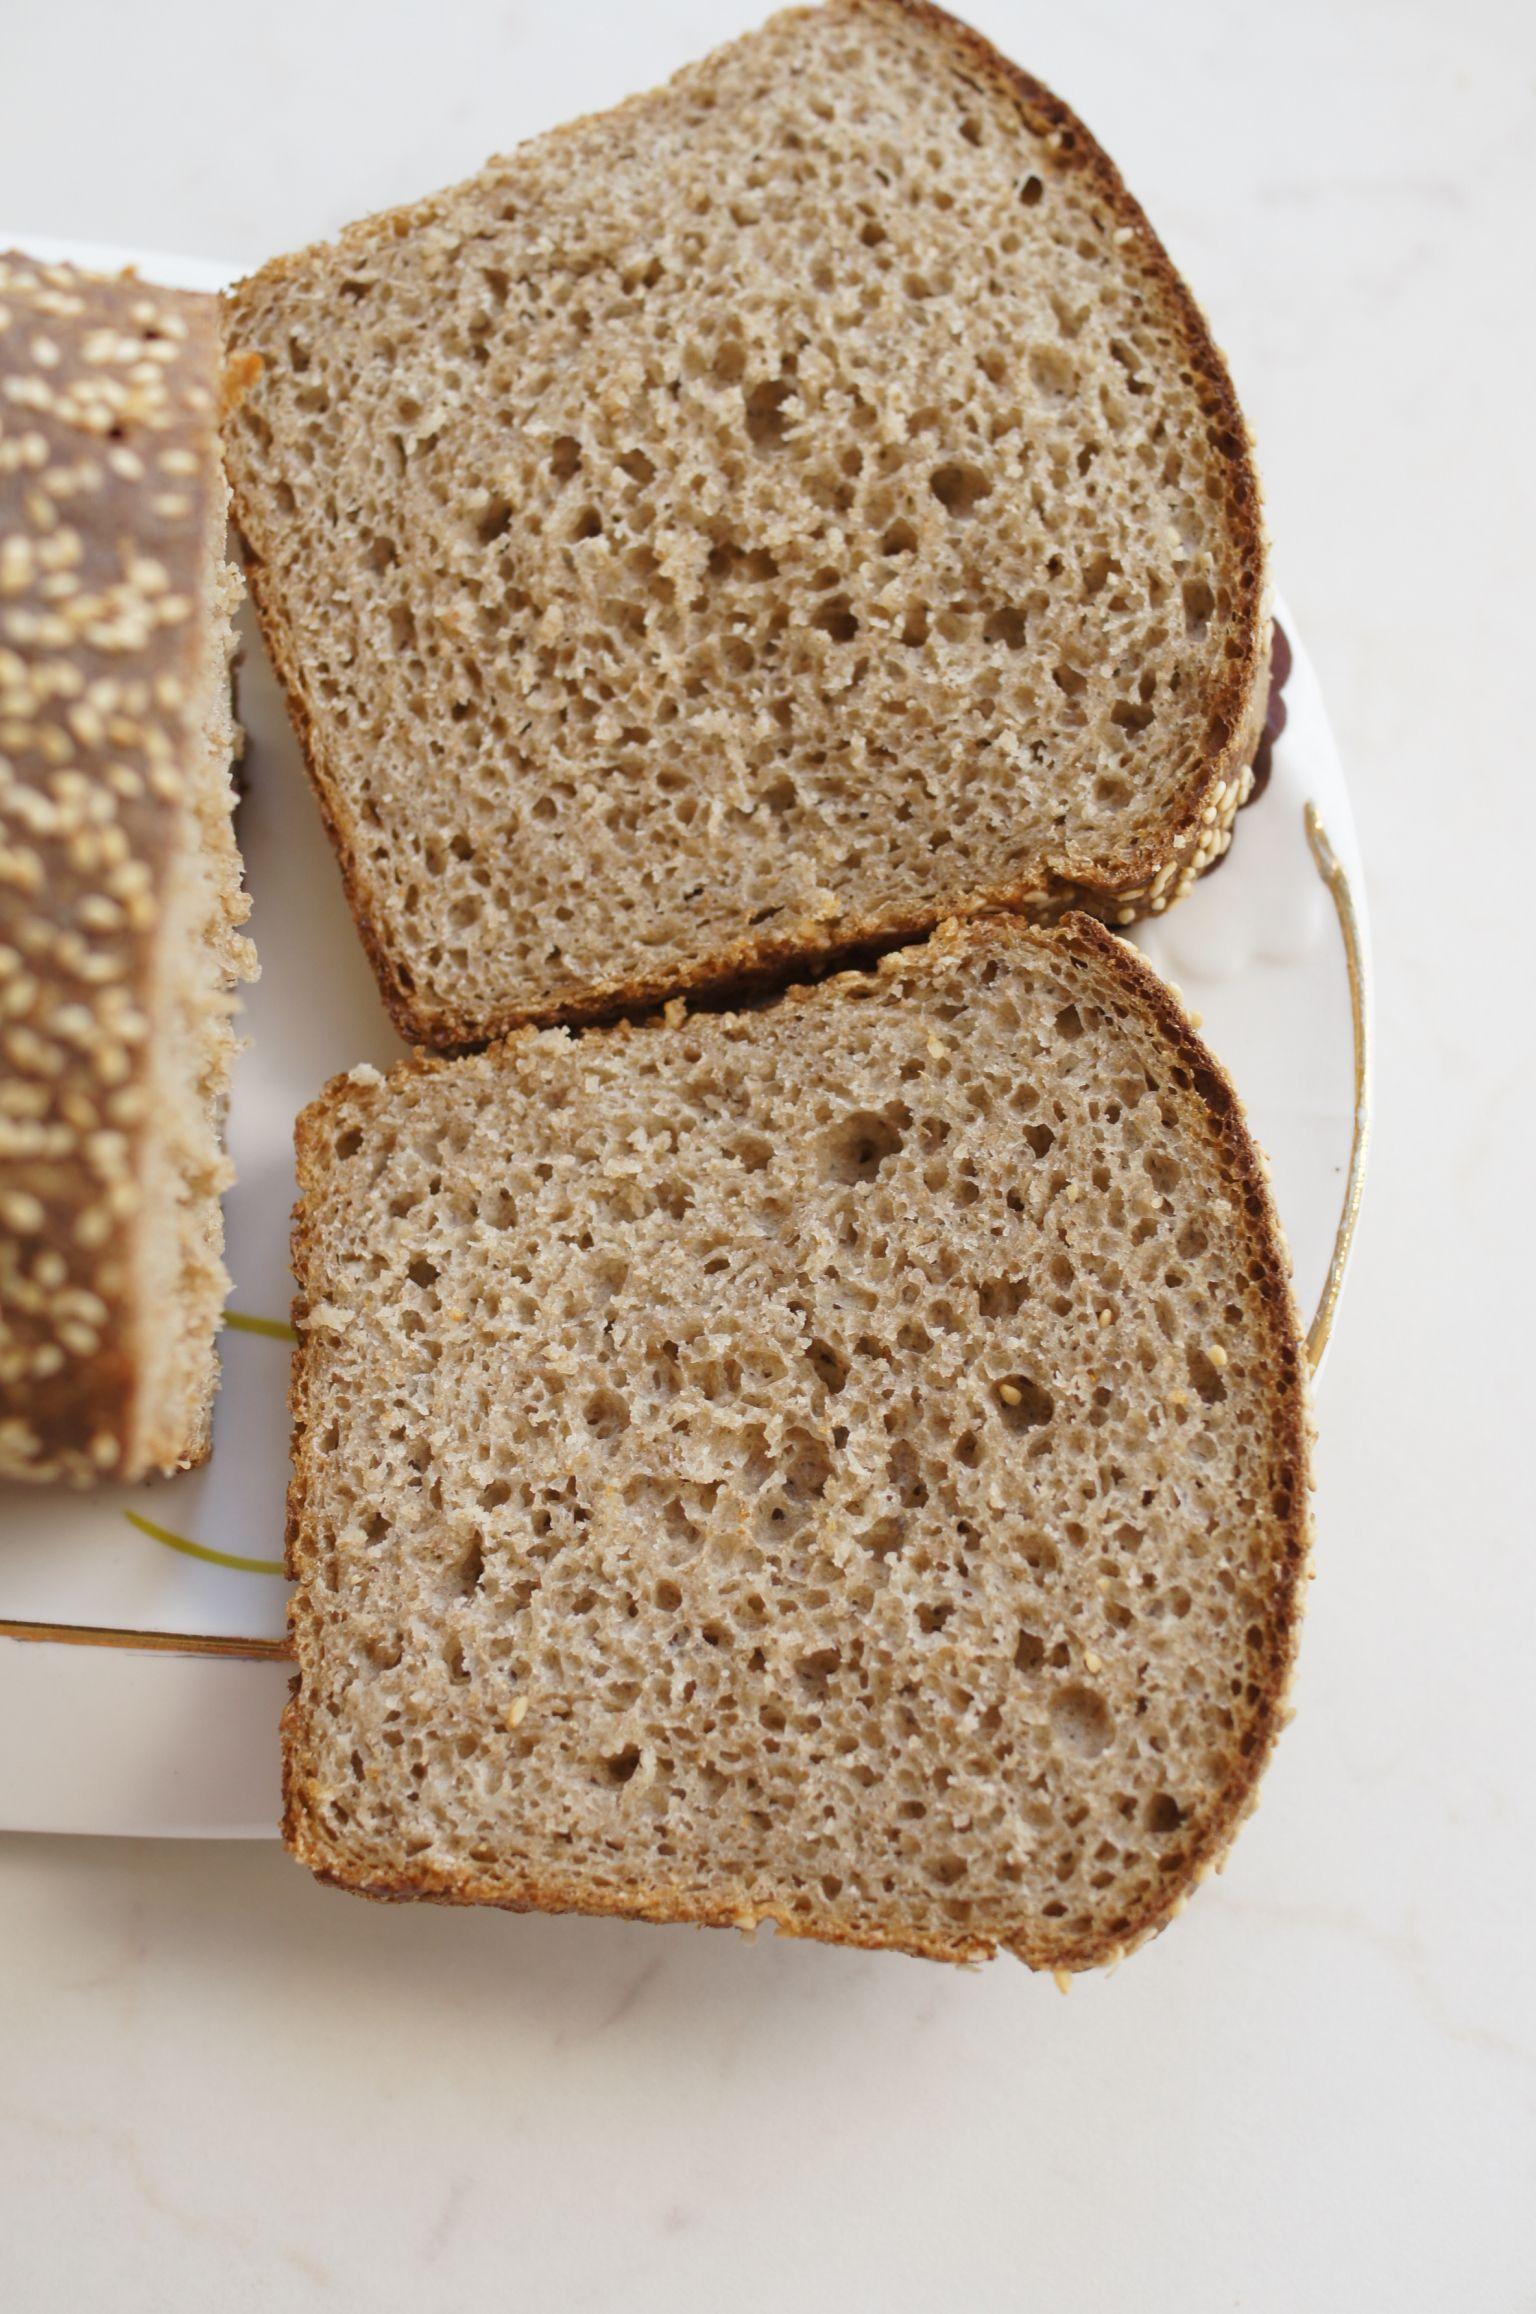 кусок черного хлеба картинка казалось бы